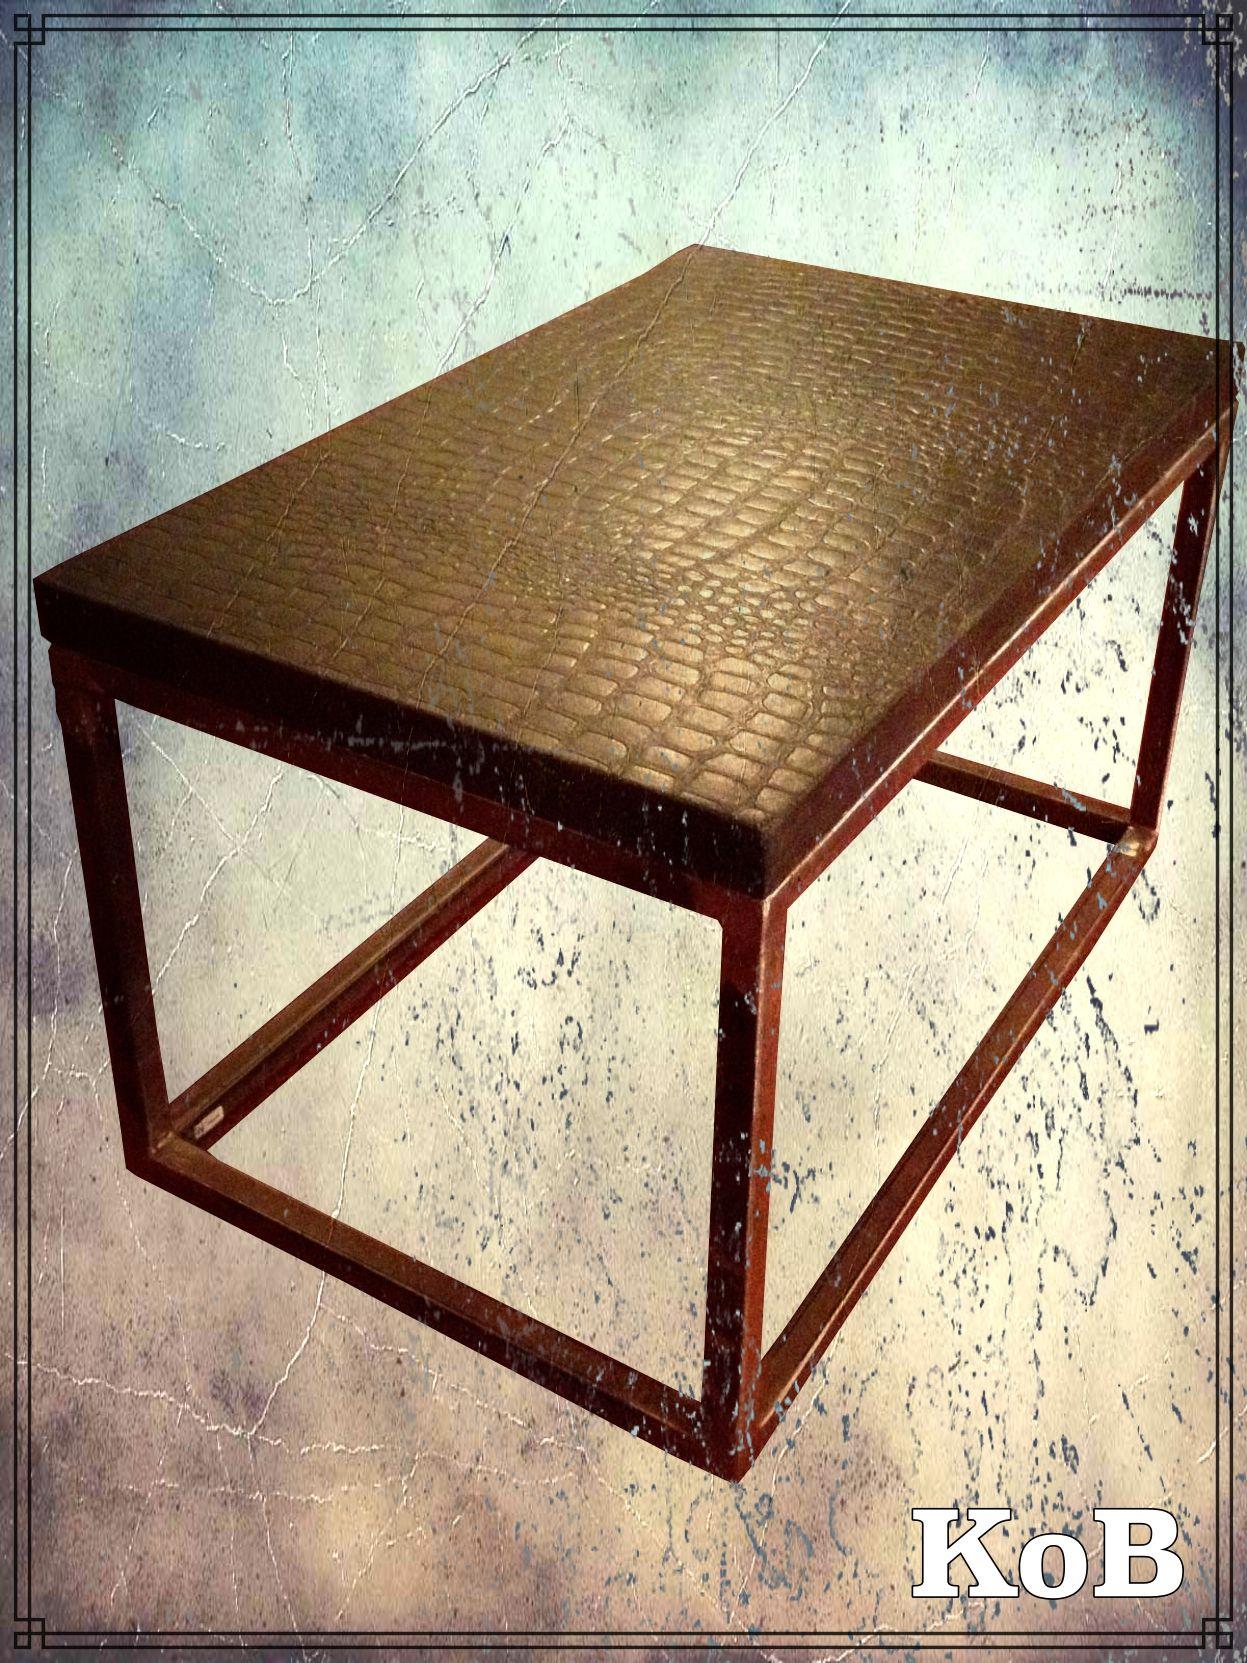 0998595897b0ba2c9beb99c9e63f3dfc Impressionnant De Table Basse Beton Cire Schème